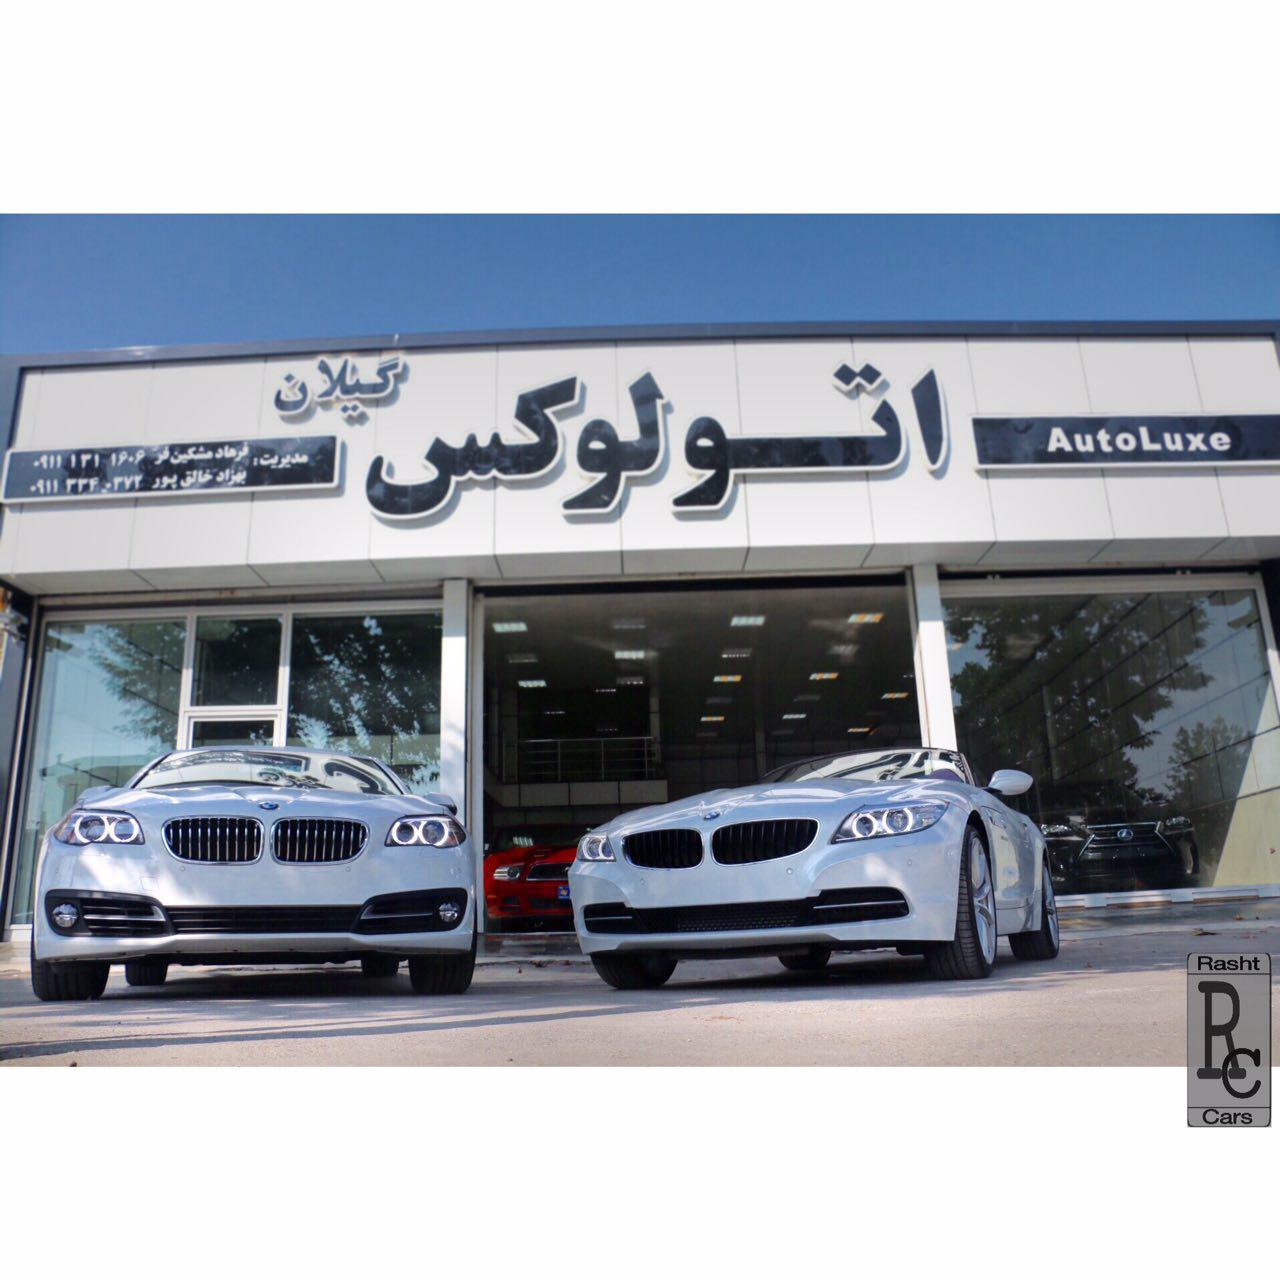 Bmw Z4 Sdrive28i: ورود BMW Z4 SDrive28i به منطقه آزاد انزلی